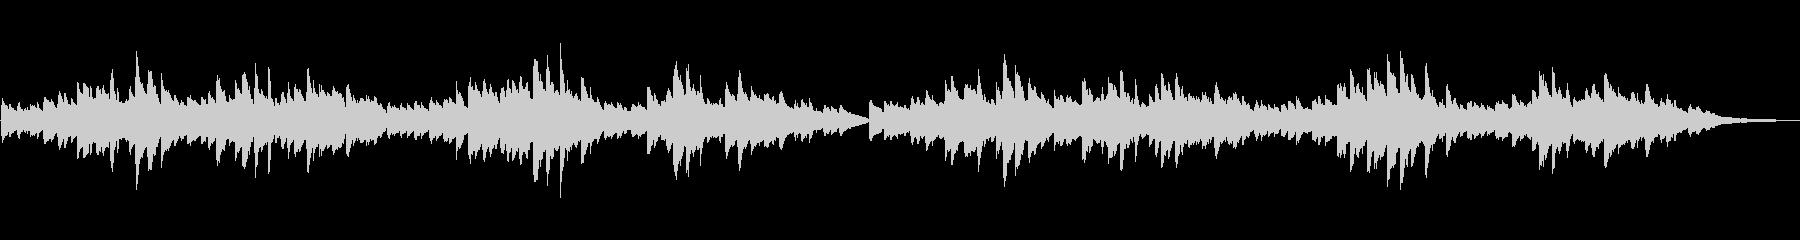 童謡「われは海の子」シンプルなピアノソロの未再生の波形